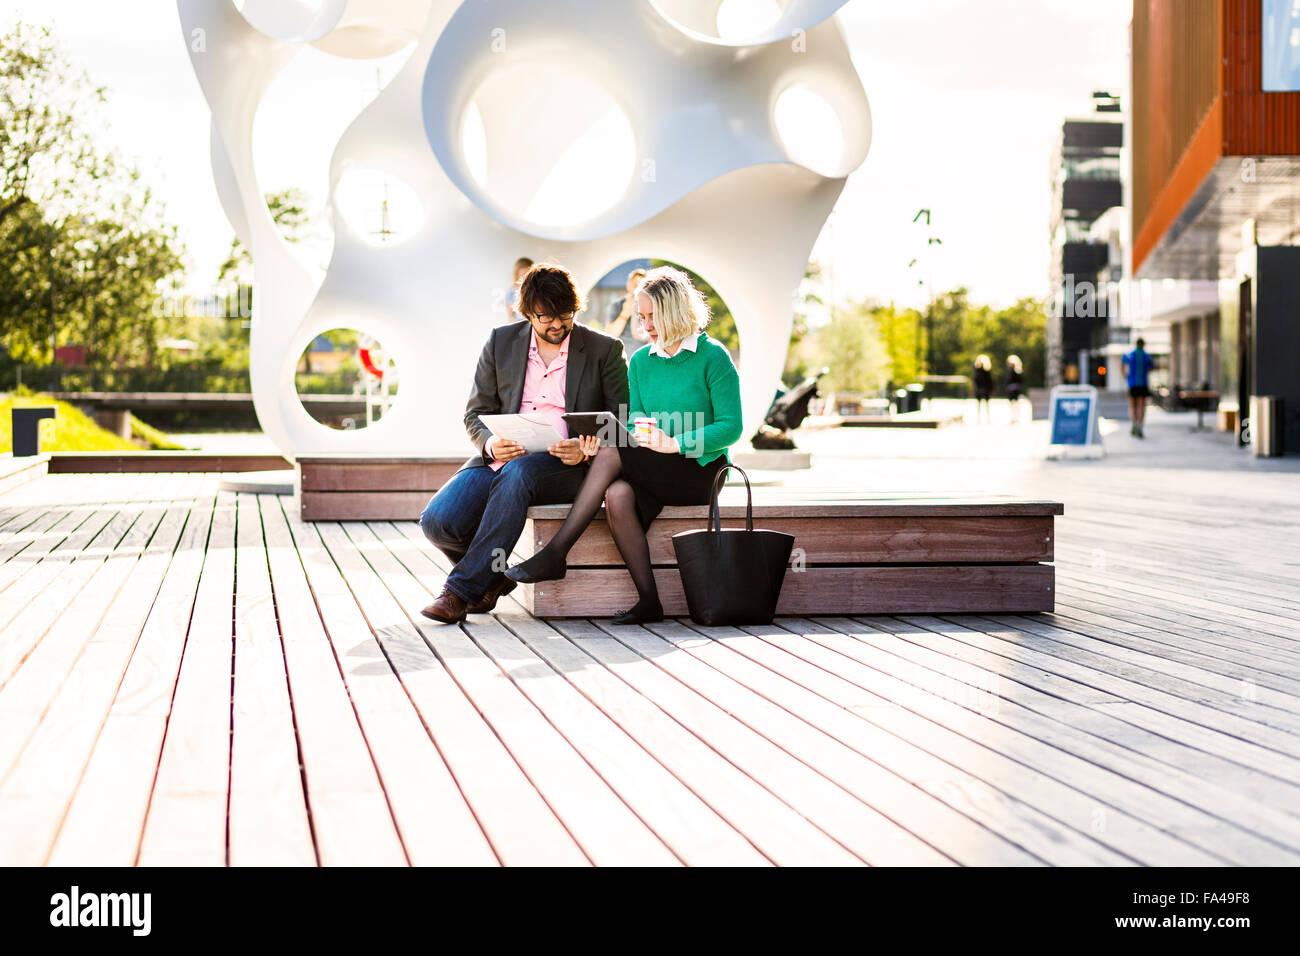 Toute la longueur du businessman with female colleague discuter à Malmo vivre Photo Stock